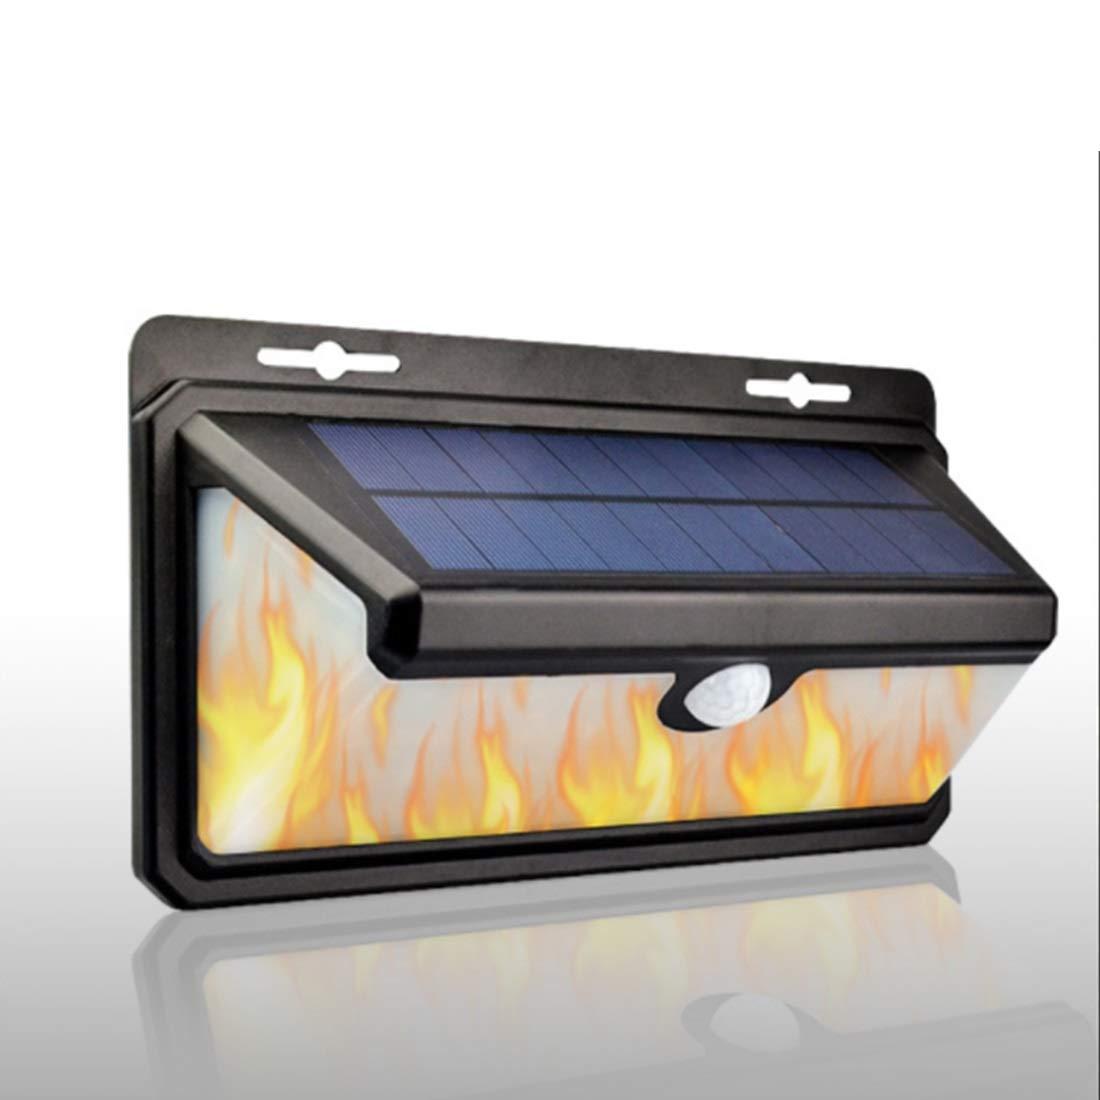 JUNFELICIA Luci della Parete Solare, Flickering Fiamma Impermeabile Luci 158 LED 3 modalità Luci di Sicurezza per Patio, Deck, Yard, Garden (Colore   Cold bianca+Flame)